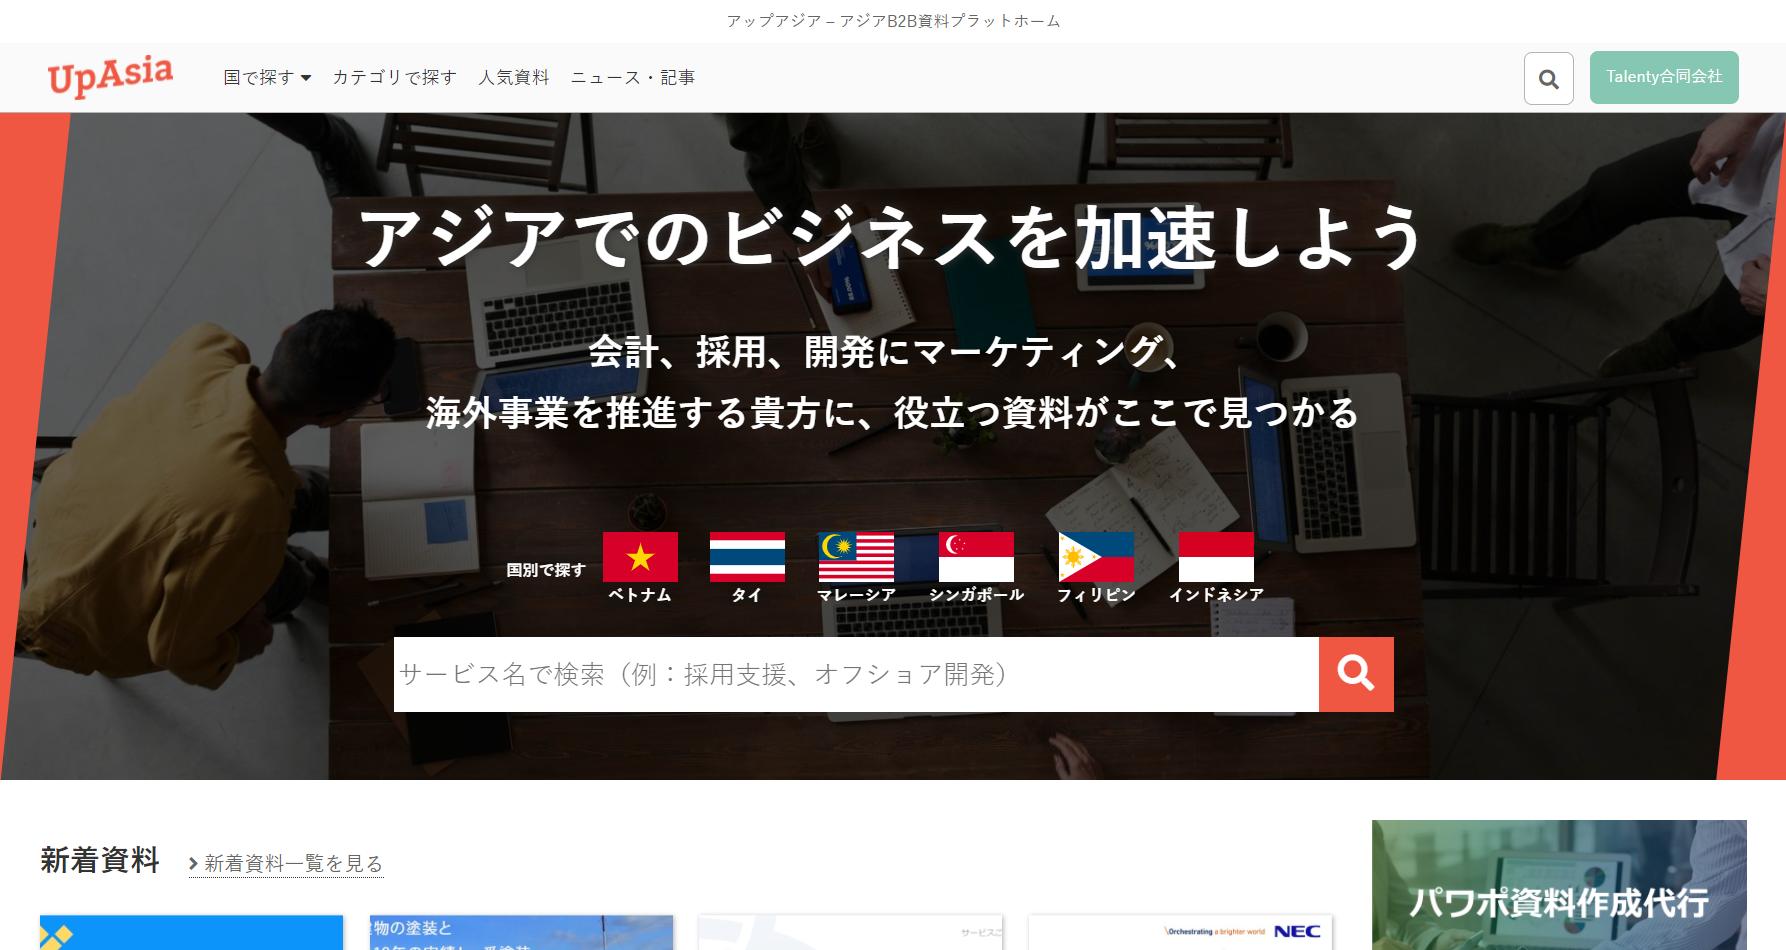 海外B2B資料掲載メディア『UpAsia』